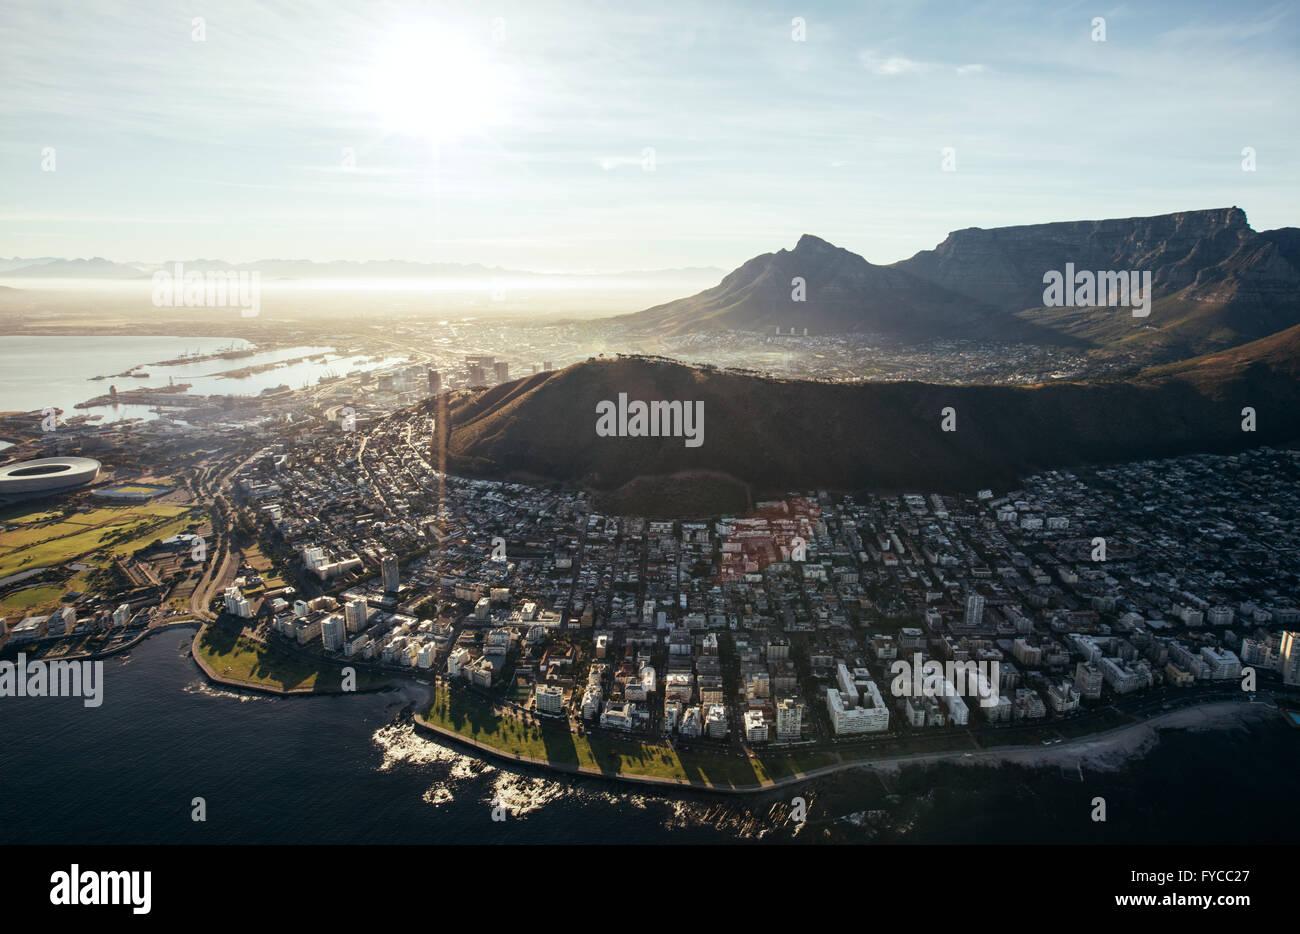 Birds Eye View of city of Cape Town avec des bâtiments sur l'eau sur une journée ensoleillée. Vue aérienne de la ville de Cape Town. Banque D'Images